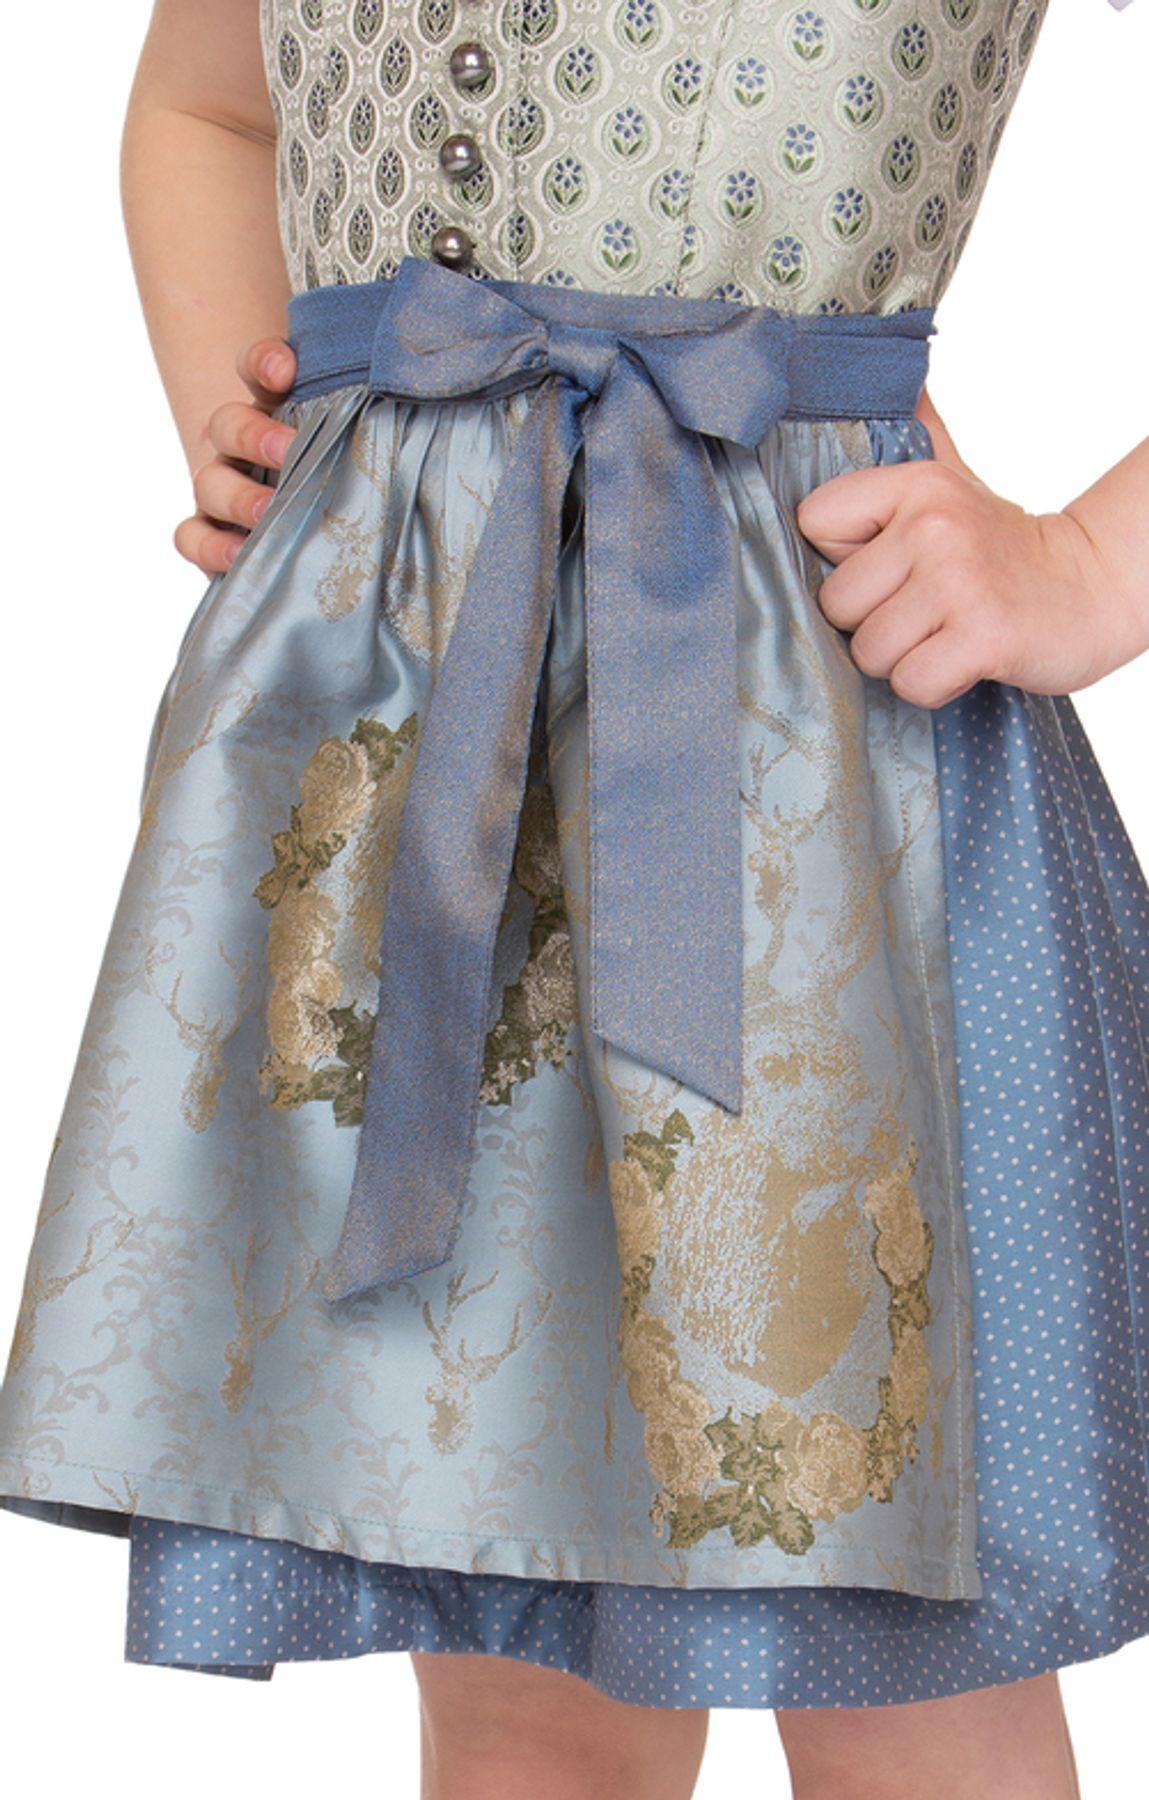 Stockerpoint - Kinder Trachten Dirndl Lova in Bleu, Gr. 86-116 – Bild 3